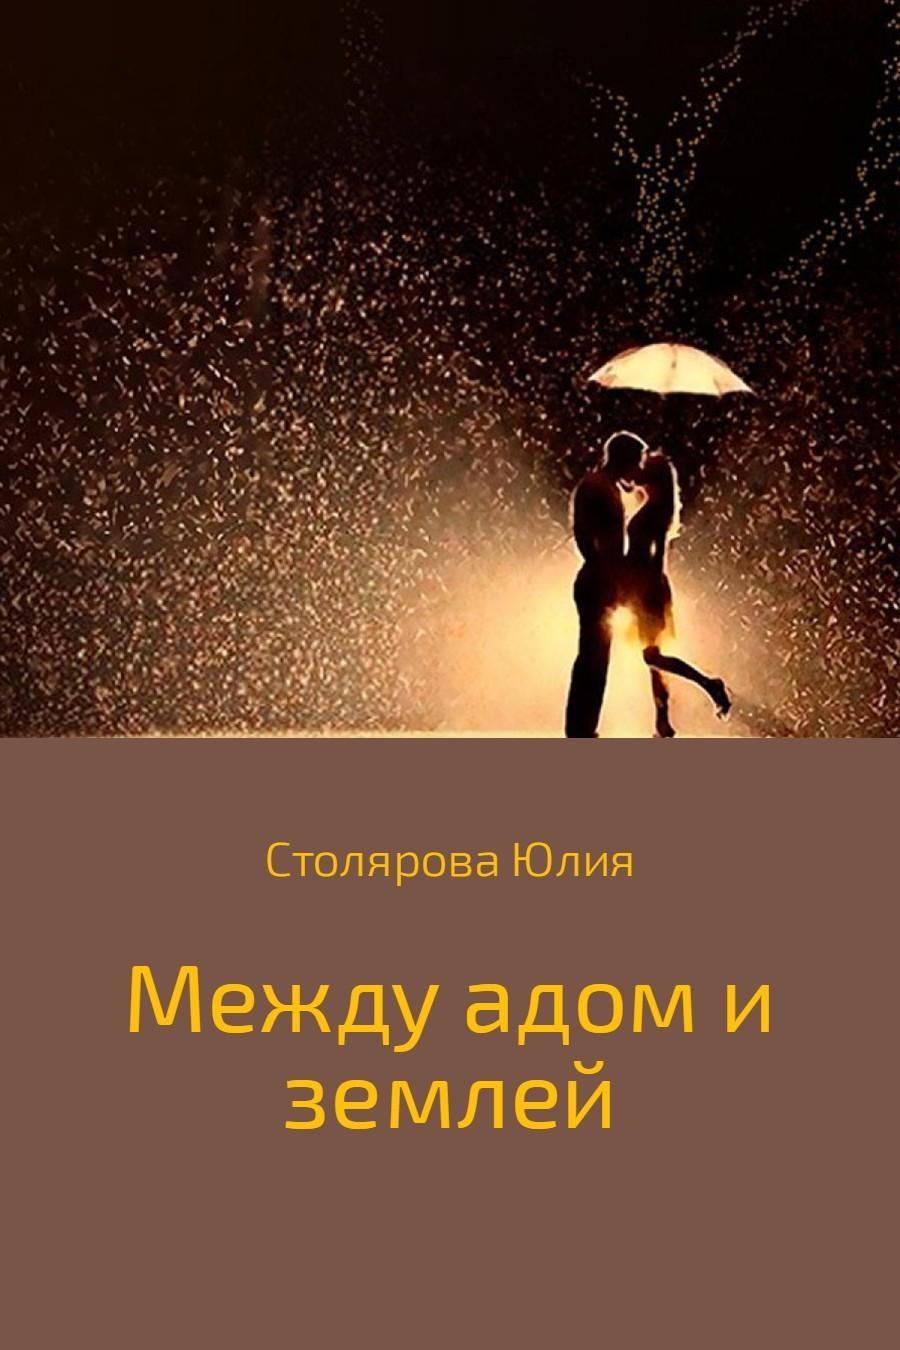 Юлия Александровна Столярова бесплатно